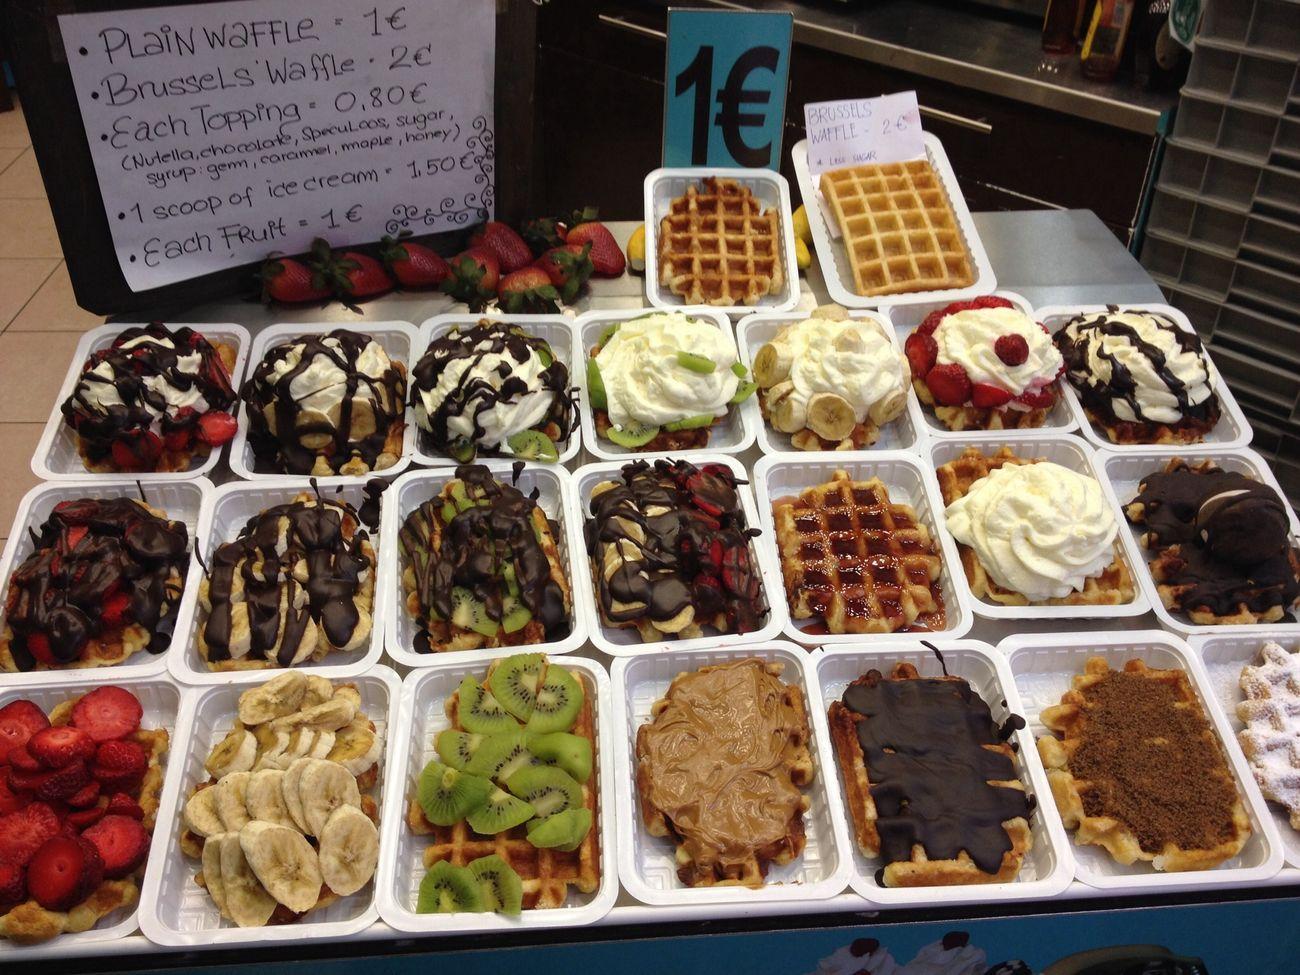 Bruxelles q tal unos wafles!! Postre Desert